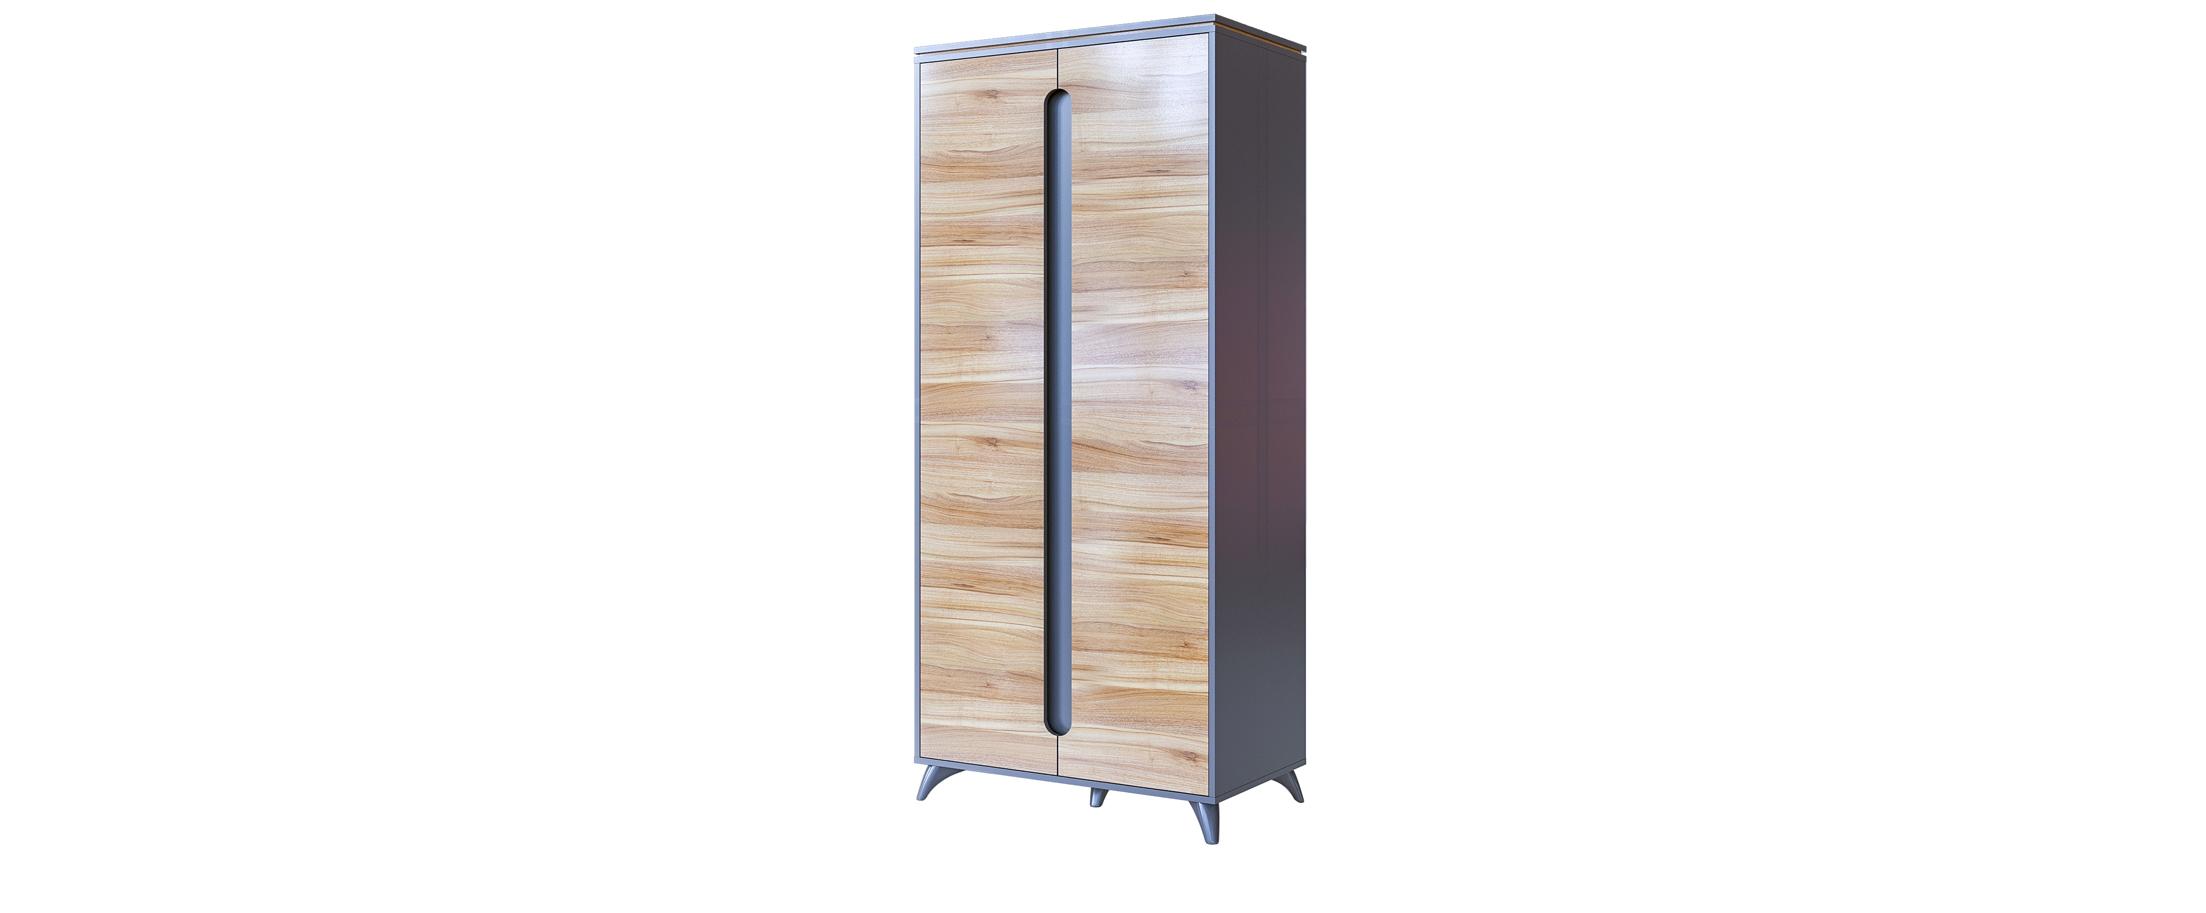 Шкаф Сканди 2-дверный Модель 520